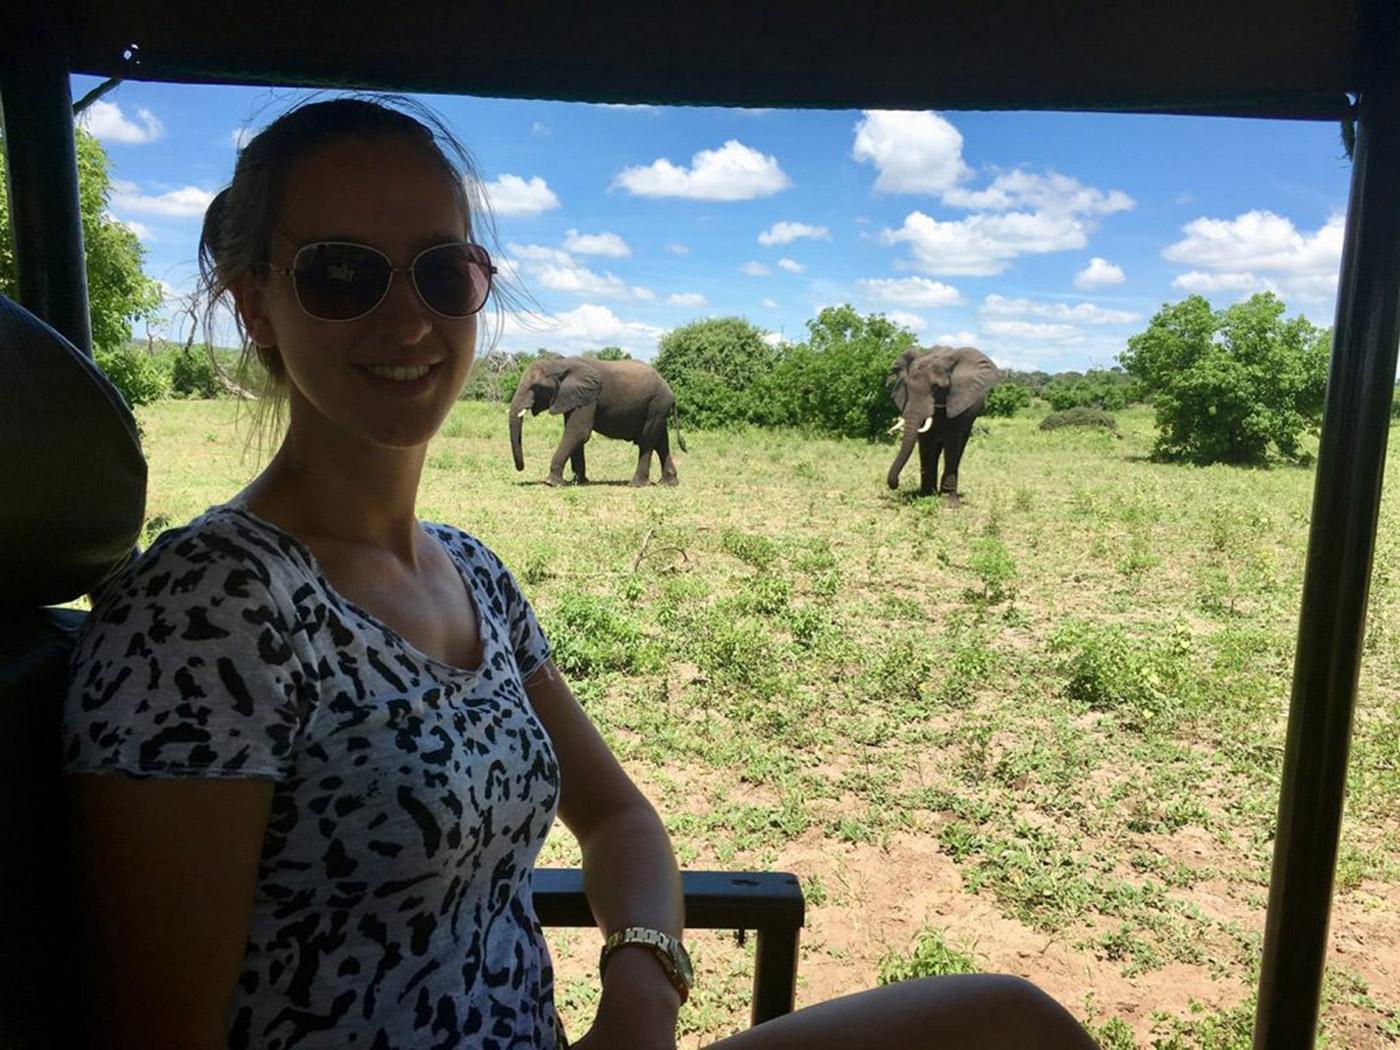 Djura - Wilde dieren in Afrika